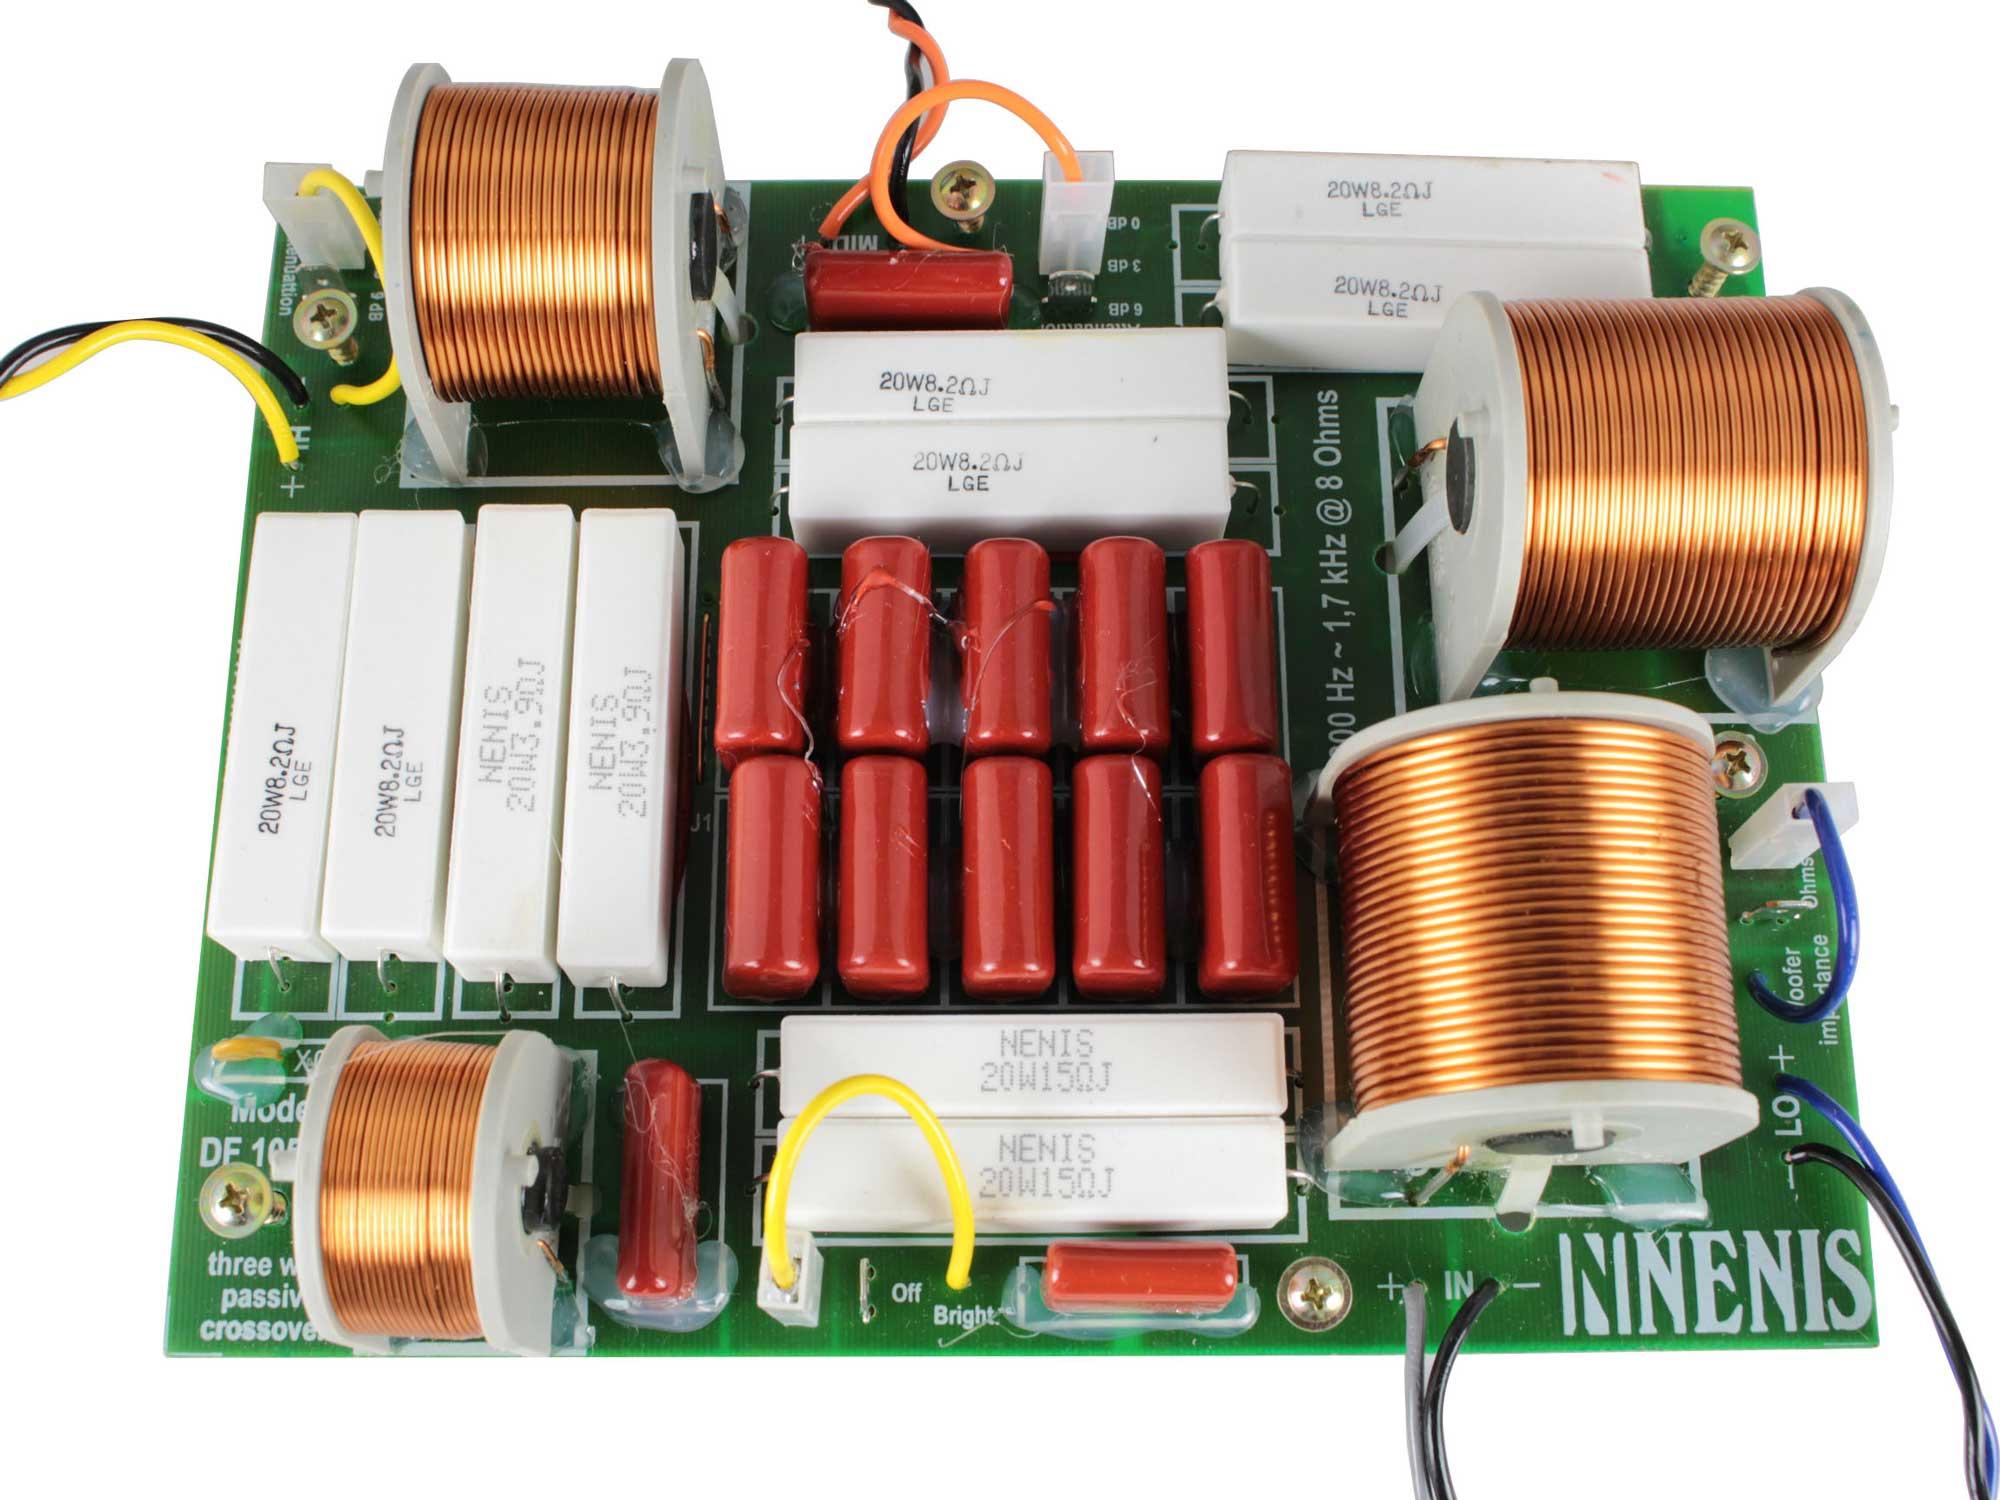 Divisor de Frequência 3 vias Passivo | 1 ou 2 Alto-falantes de grave, 1 Alto-falante de medio e Driver de Titanium de até 1050W RMS | DF1053TI | Nenis